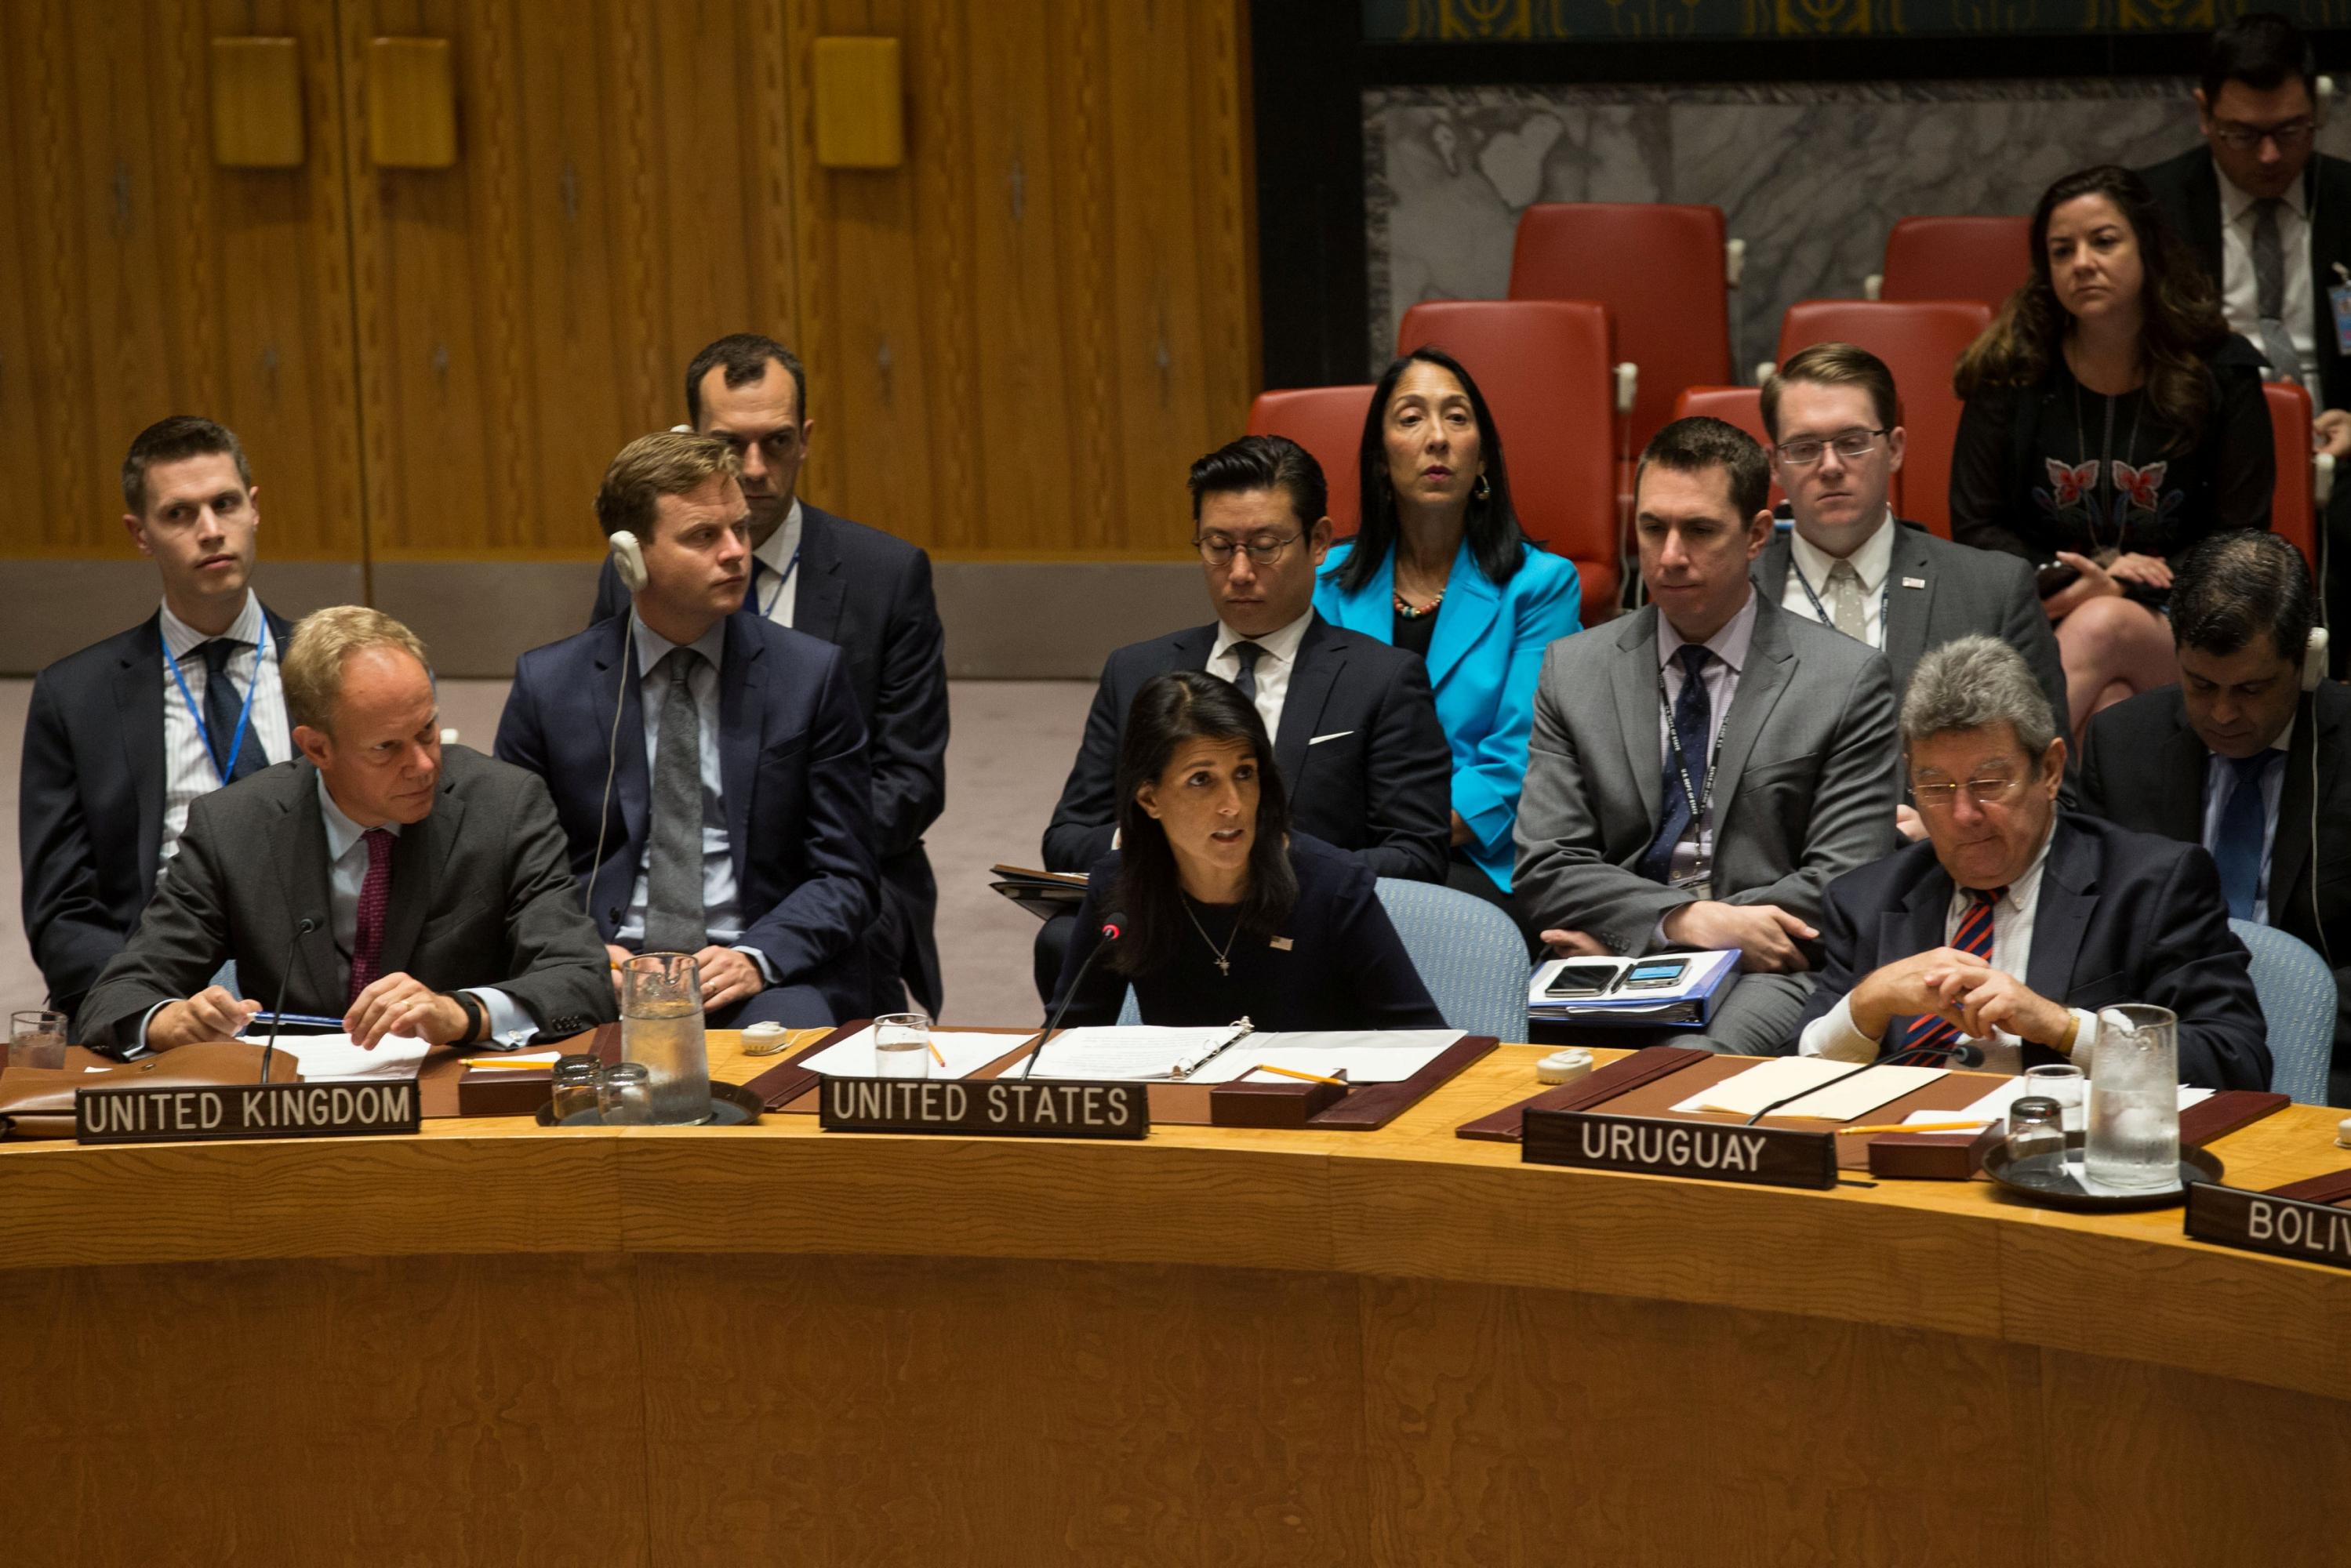 Consejo de Seguridad de la ONU. Foto: Diario Público